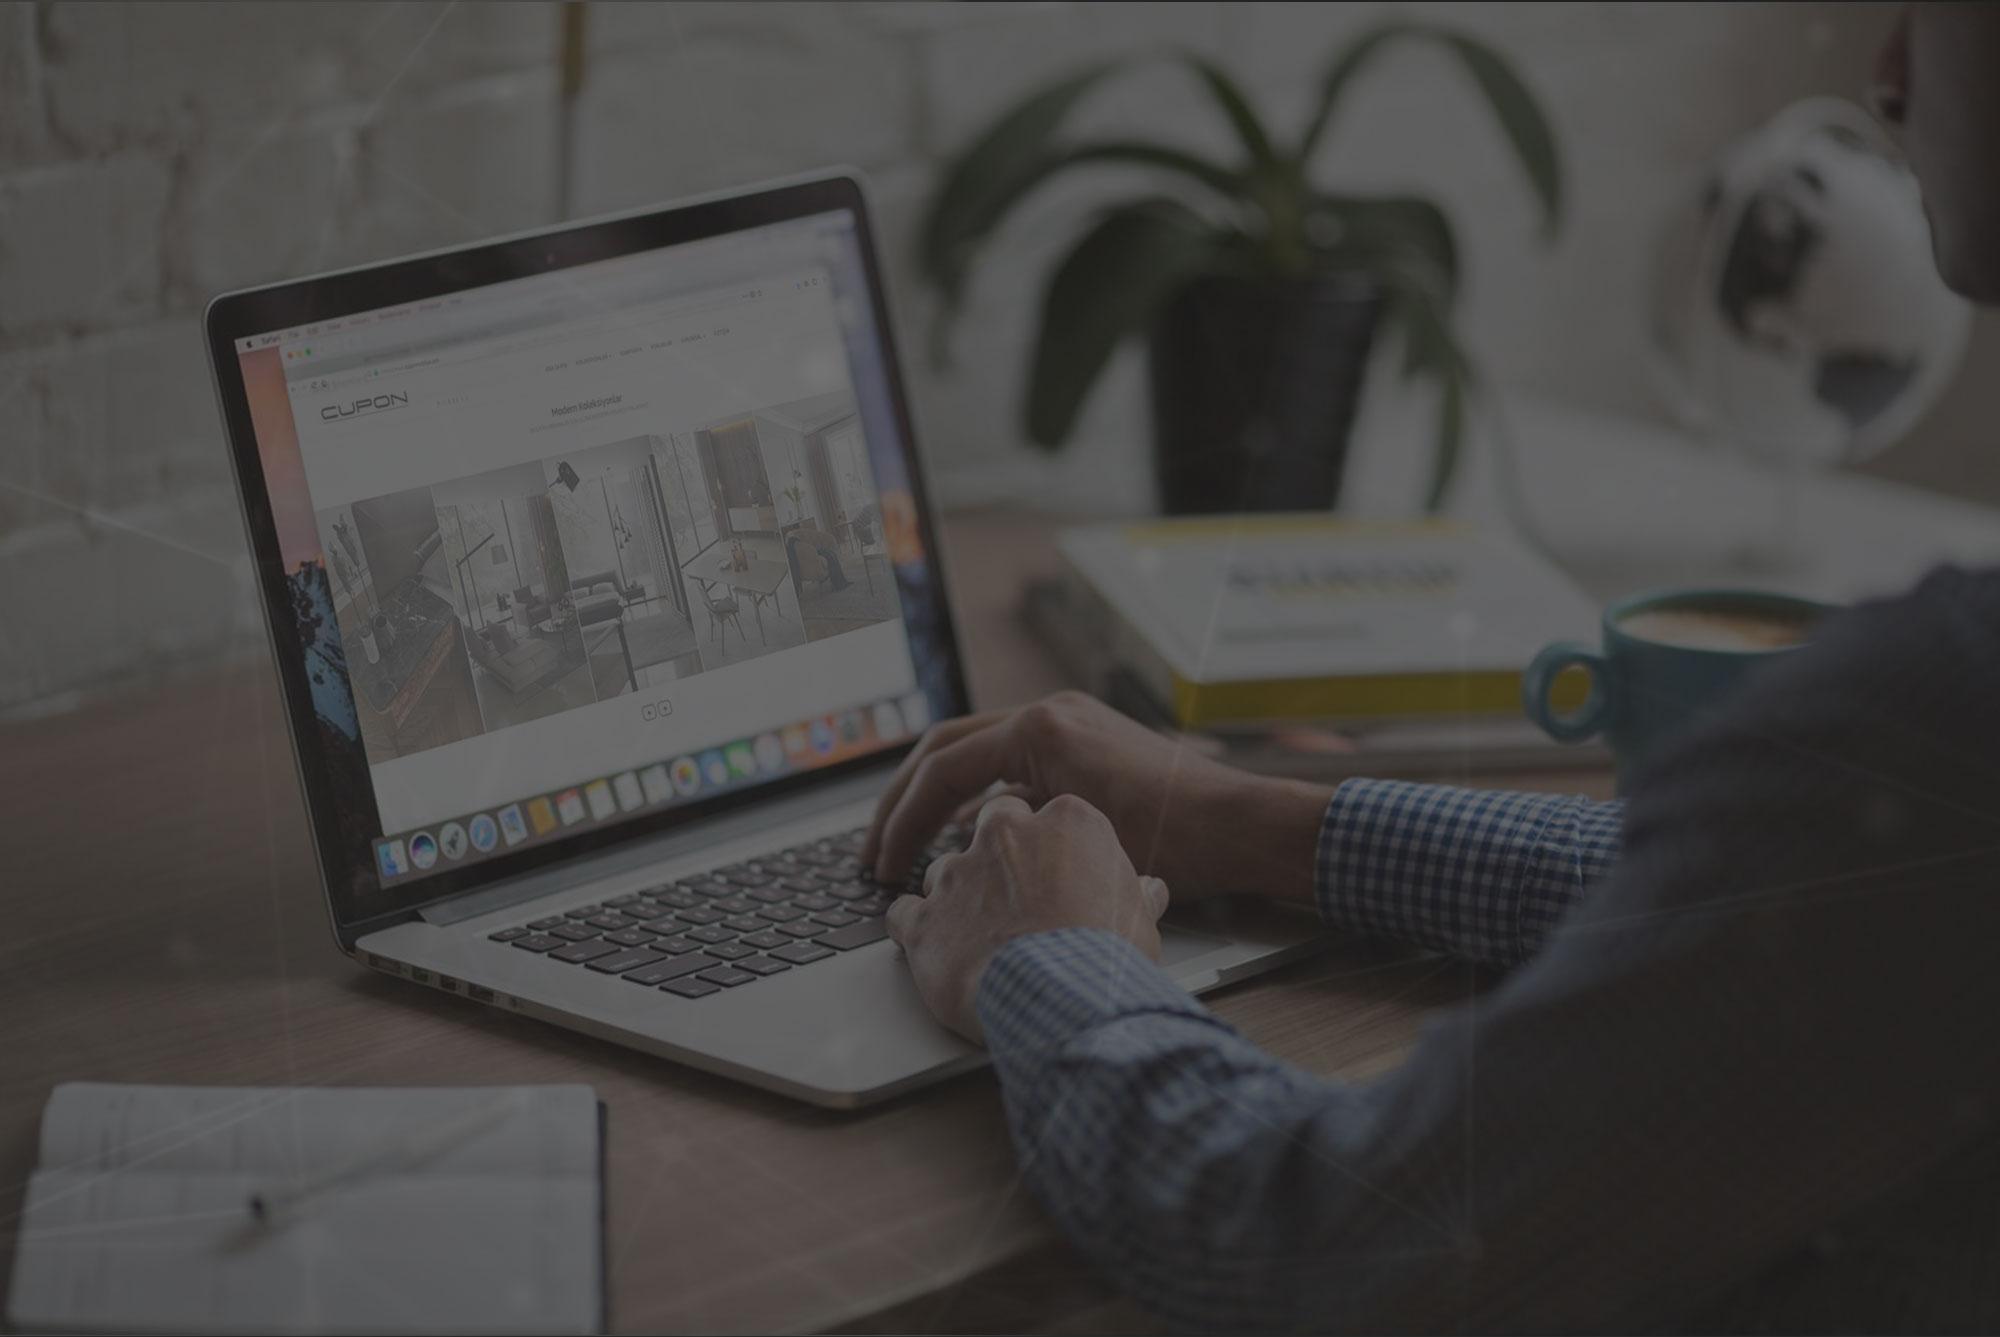 Murat Ölmez Google Uzmanı, Seo, Seo Uzmanı, Sosyal Medya Uzmanı, Dijital Pazarlama Uzmanı, Reklam Danışmanlık, Konya